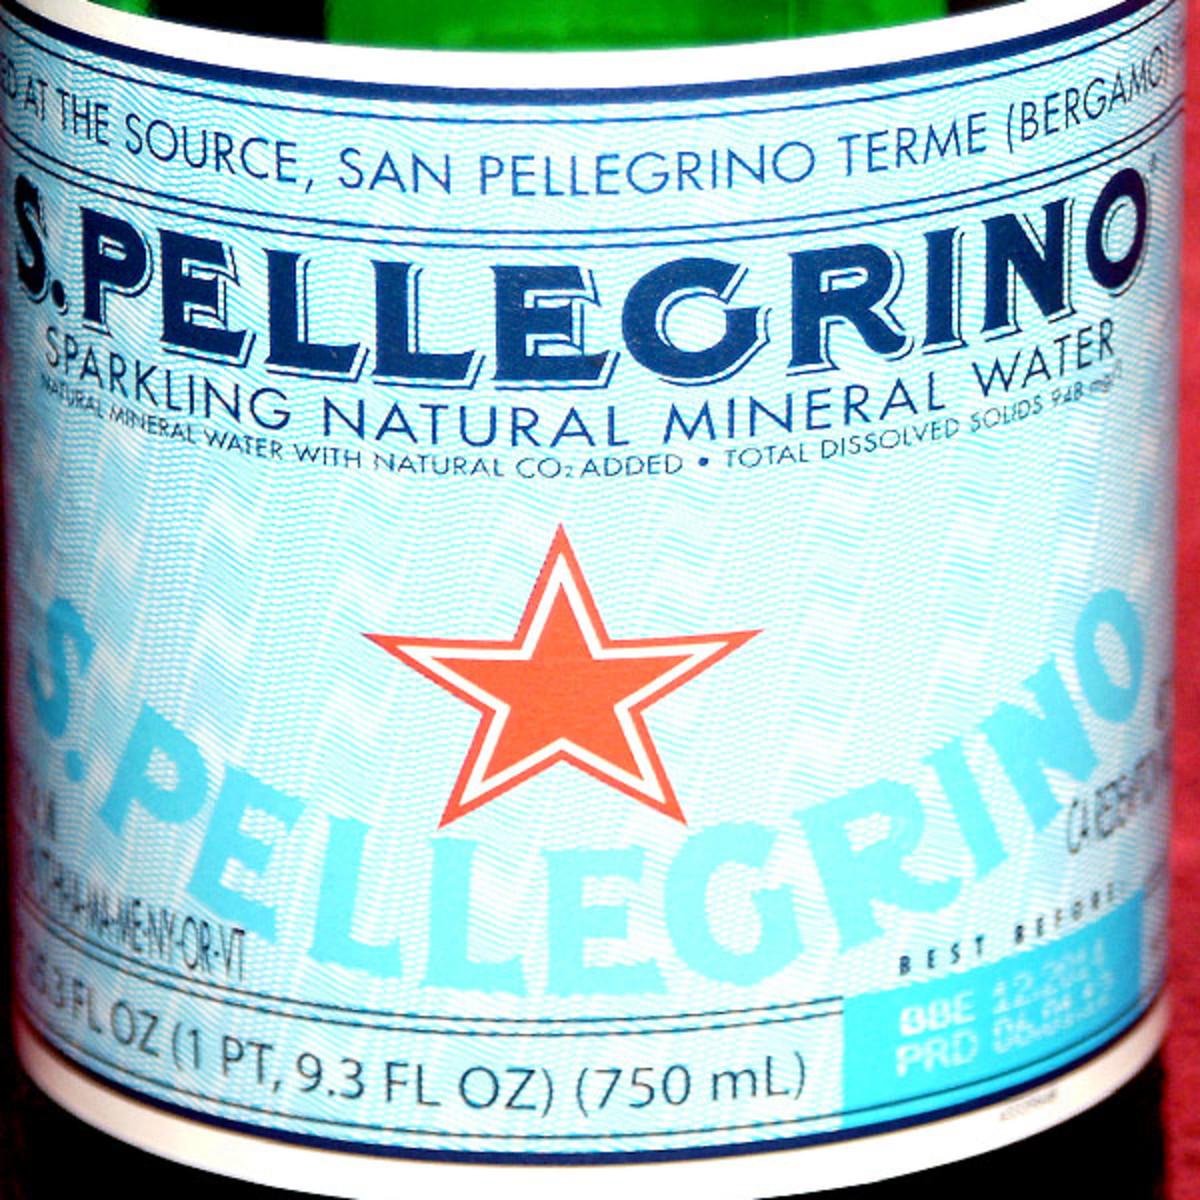 Pellegrino Label